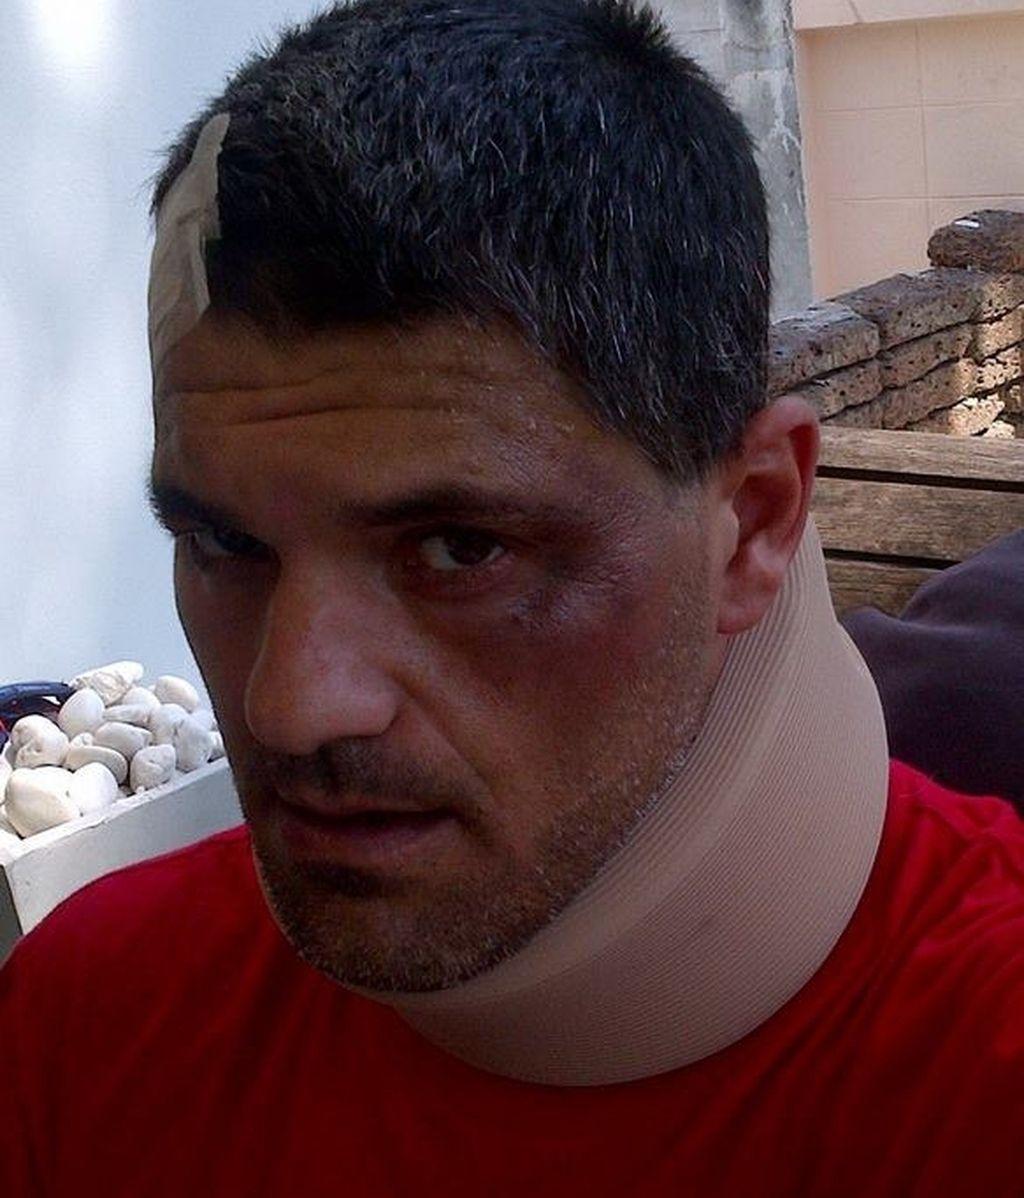 Frank de la Jungla sufre un accidente en helicóptero